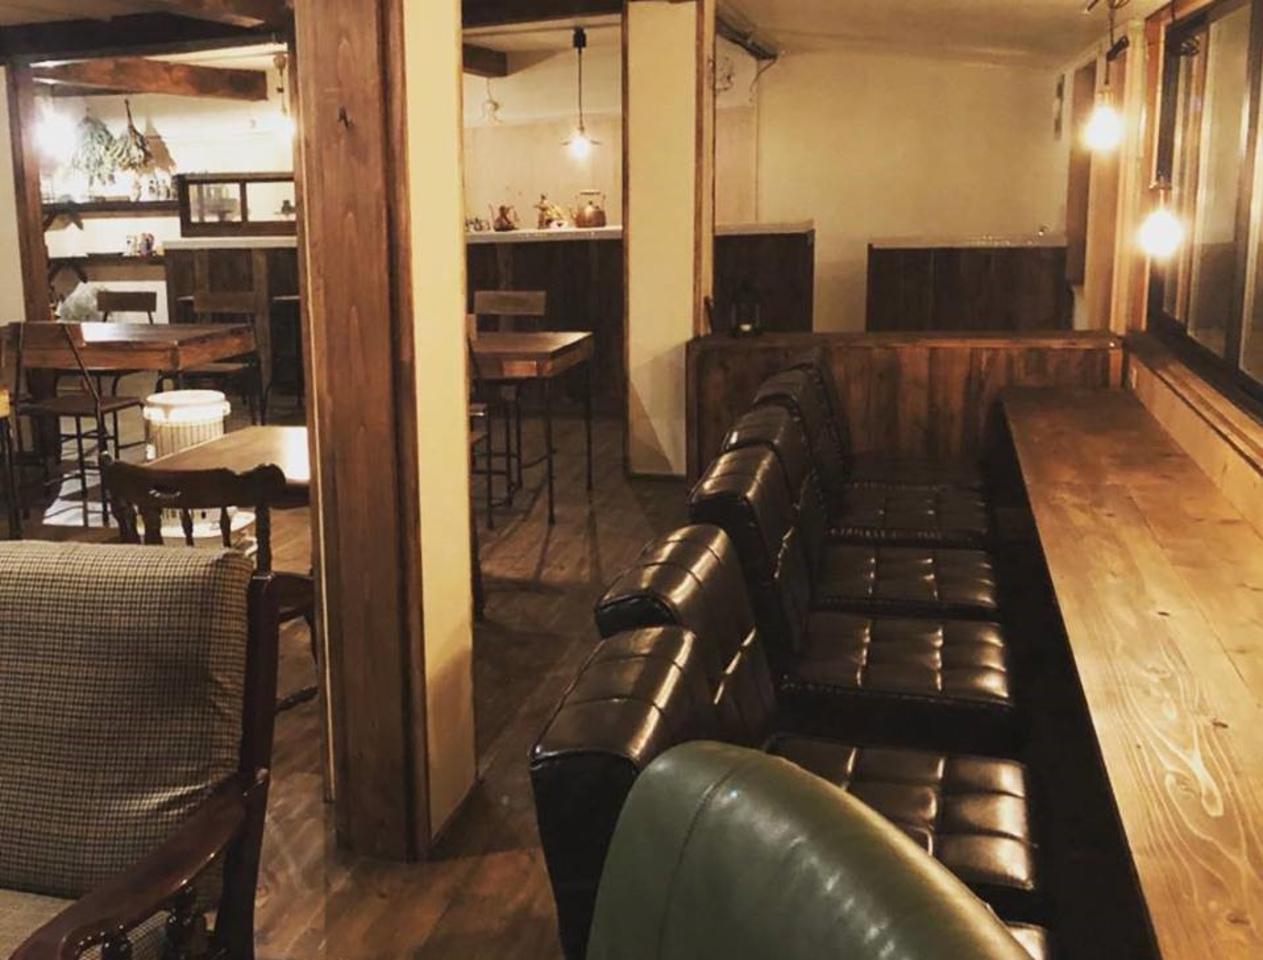 旅館再生...長野県上水内郡信濃町野尻湖畔の宮川旅館にカフェ『コハクテラス』本日オープン